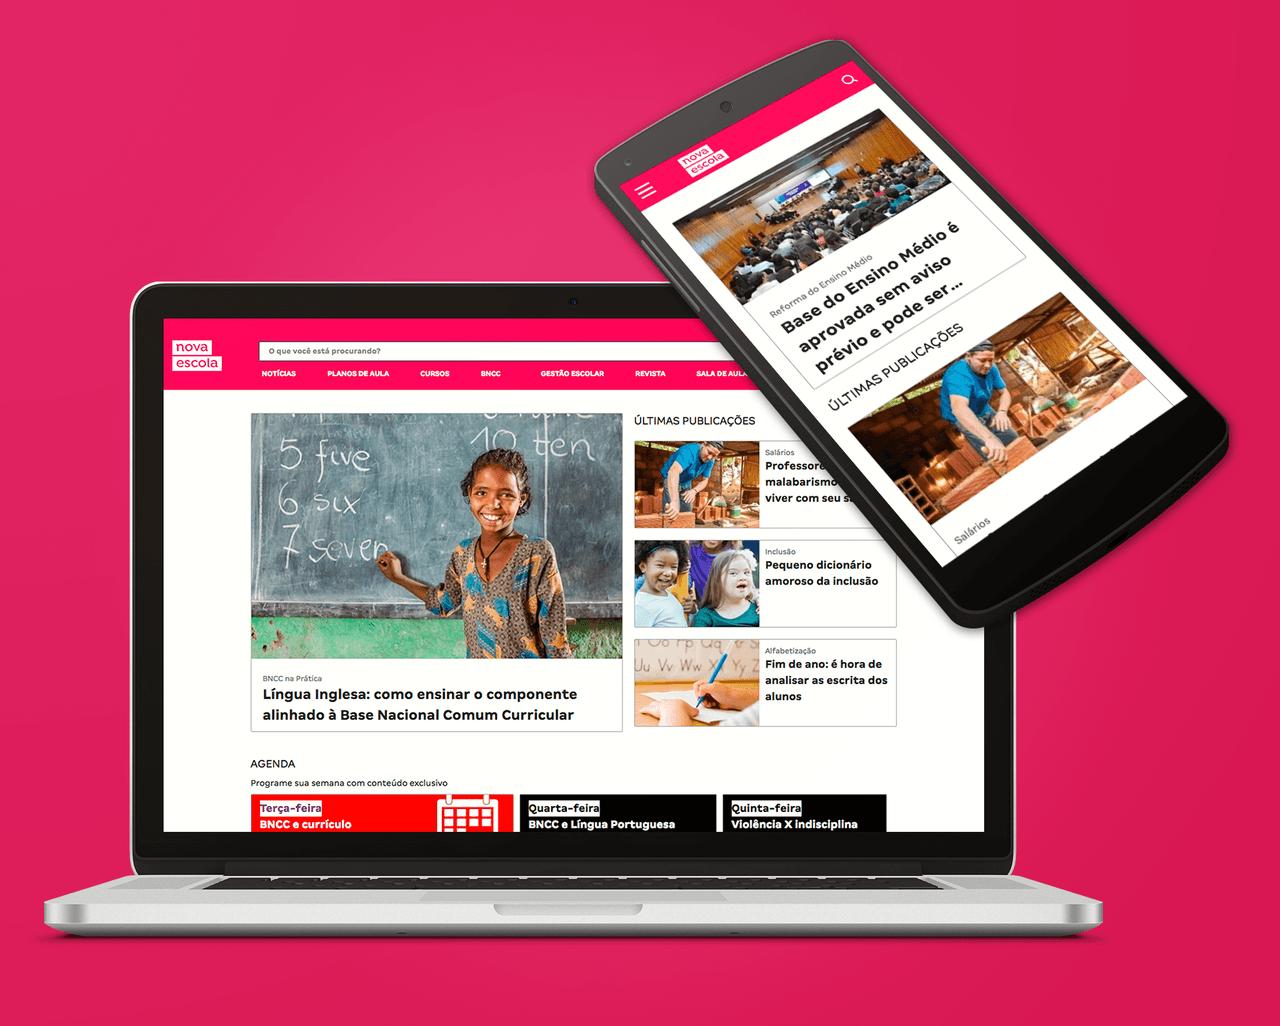 Novo site da NOVA ESCOLA exibido em um laptop e um celular (ilustração)